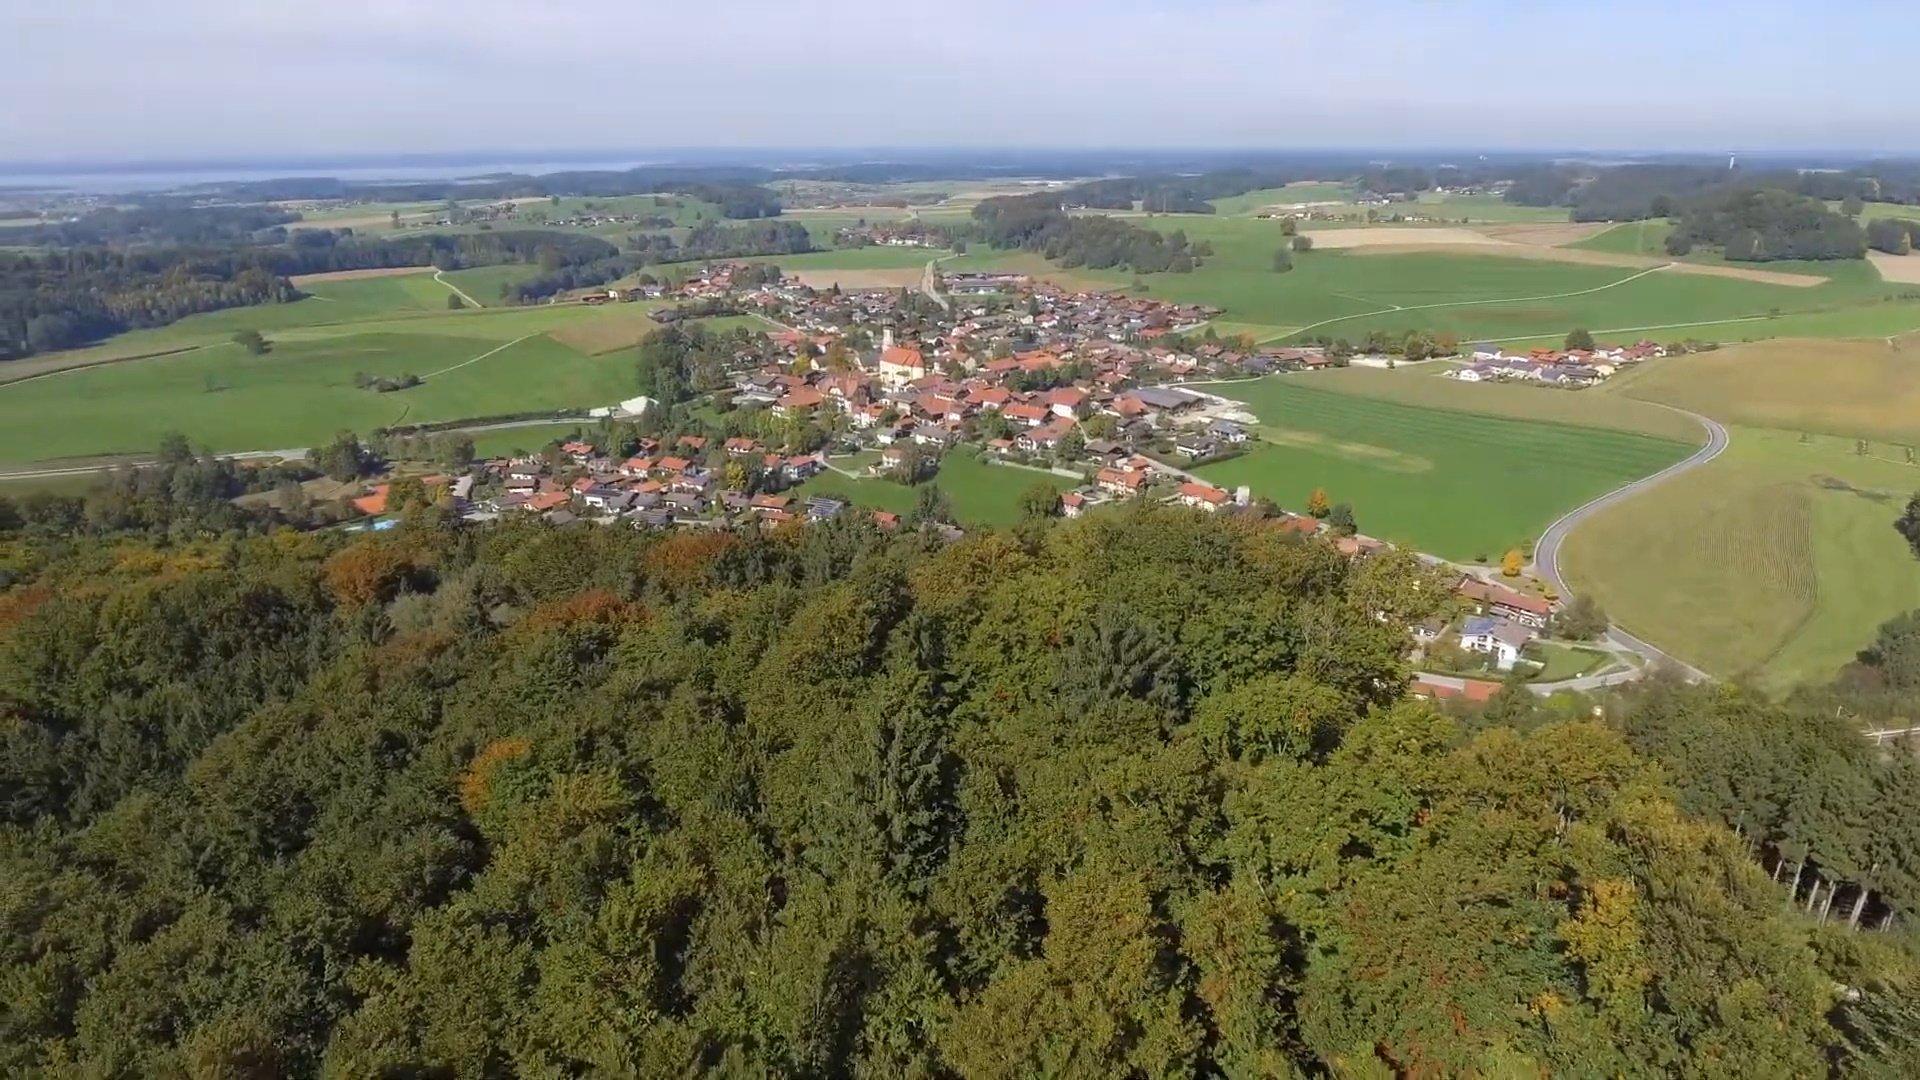 Vachendorf Chiemsee-Chiemgau Drohnenaufnahme